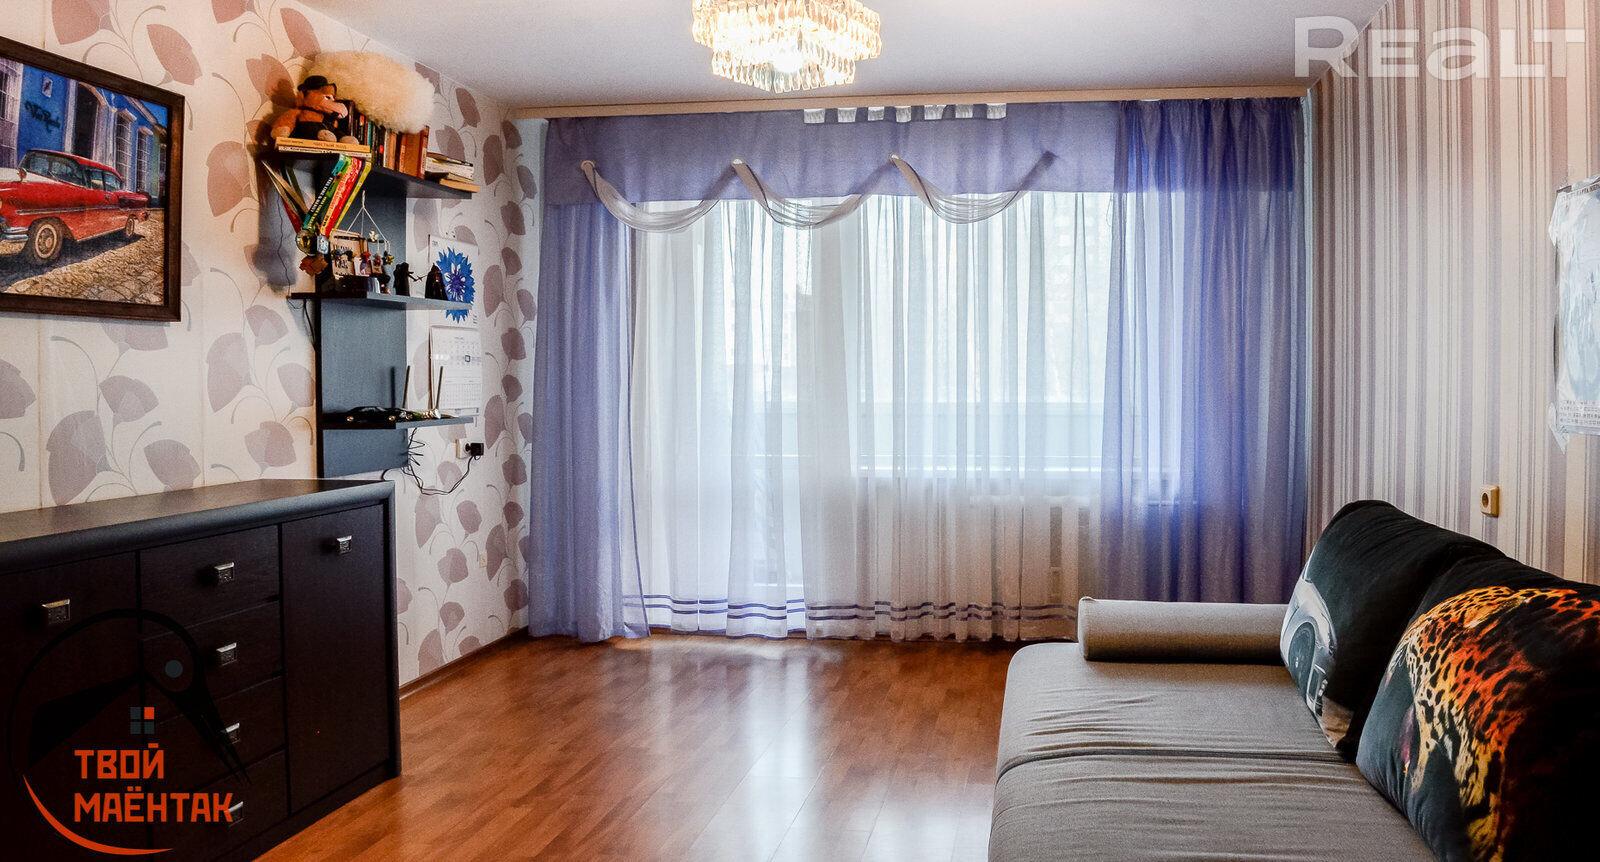 Продается 1 комнатная квартира, ул. Лучины д.46